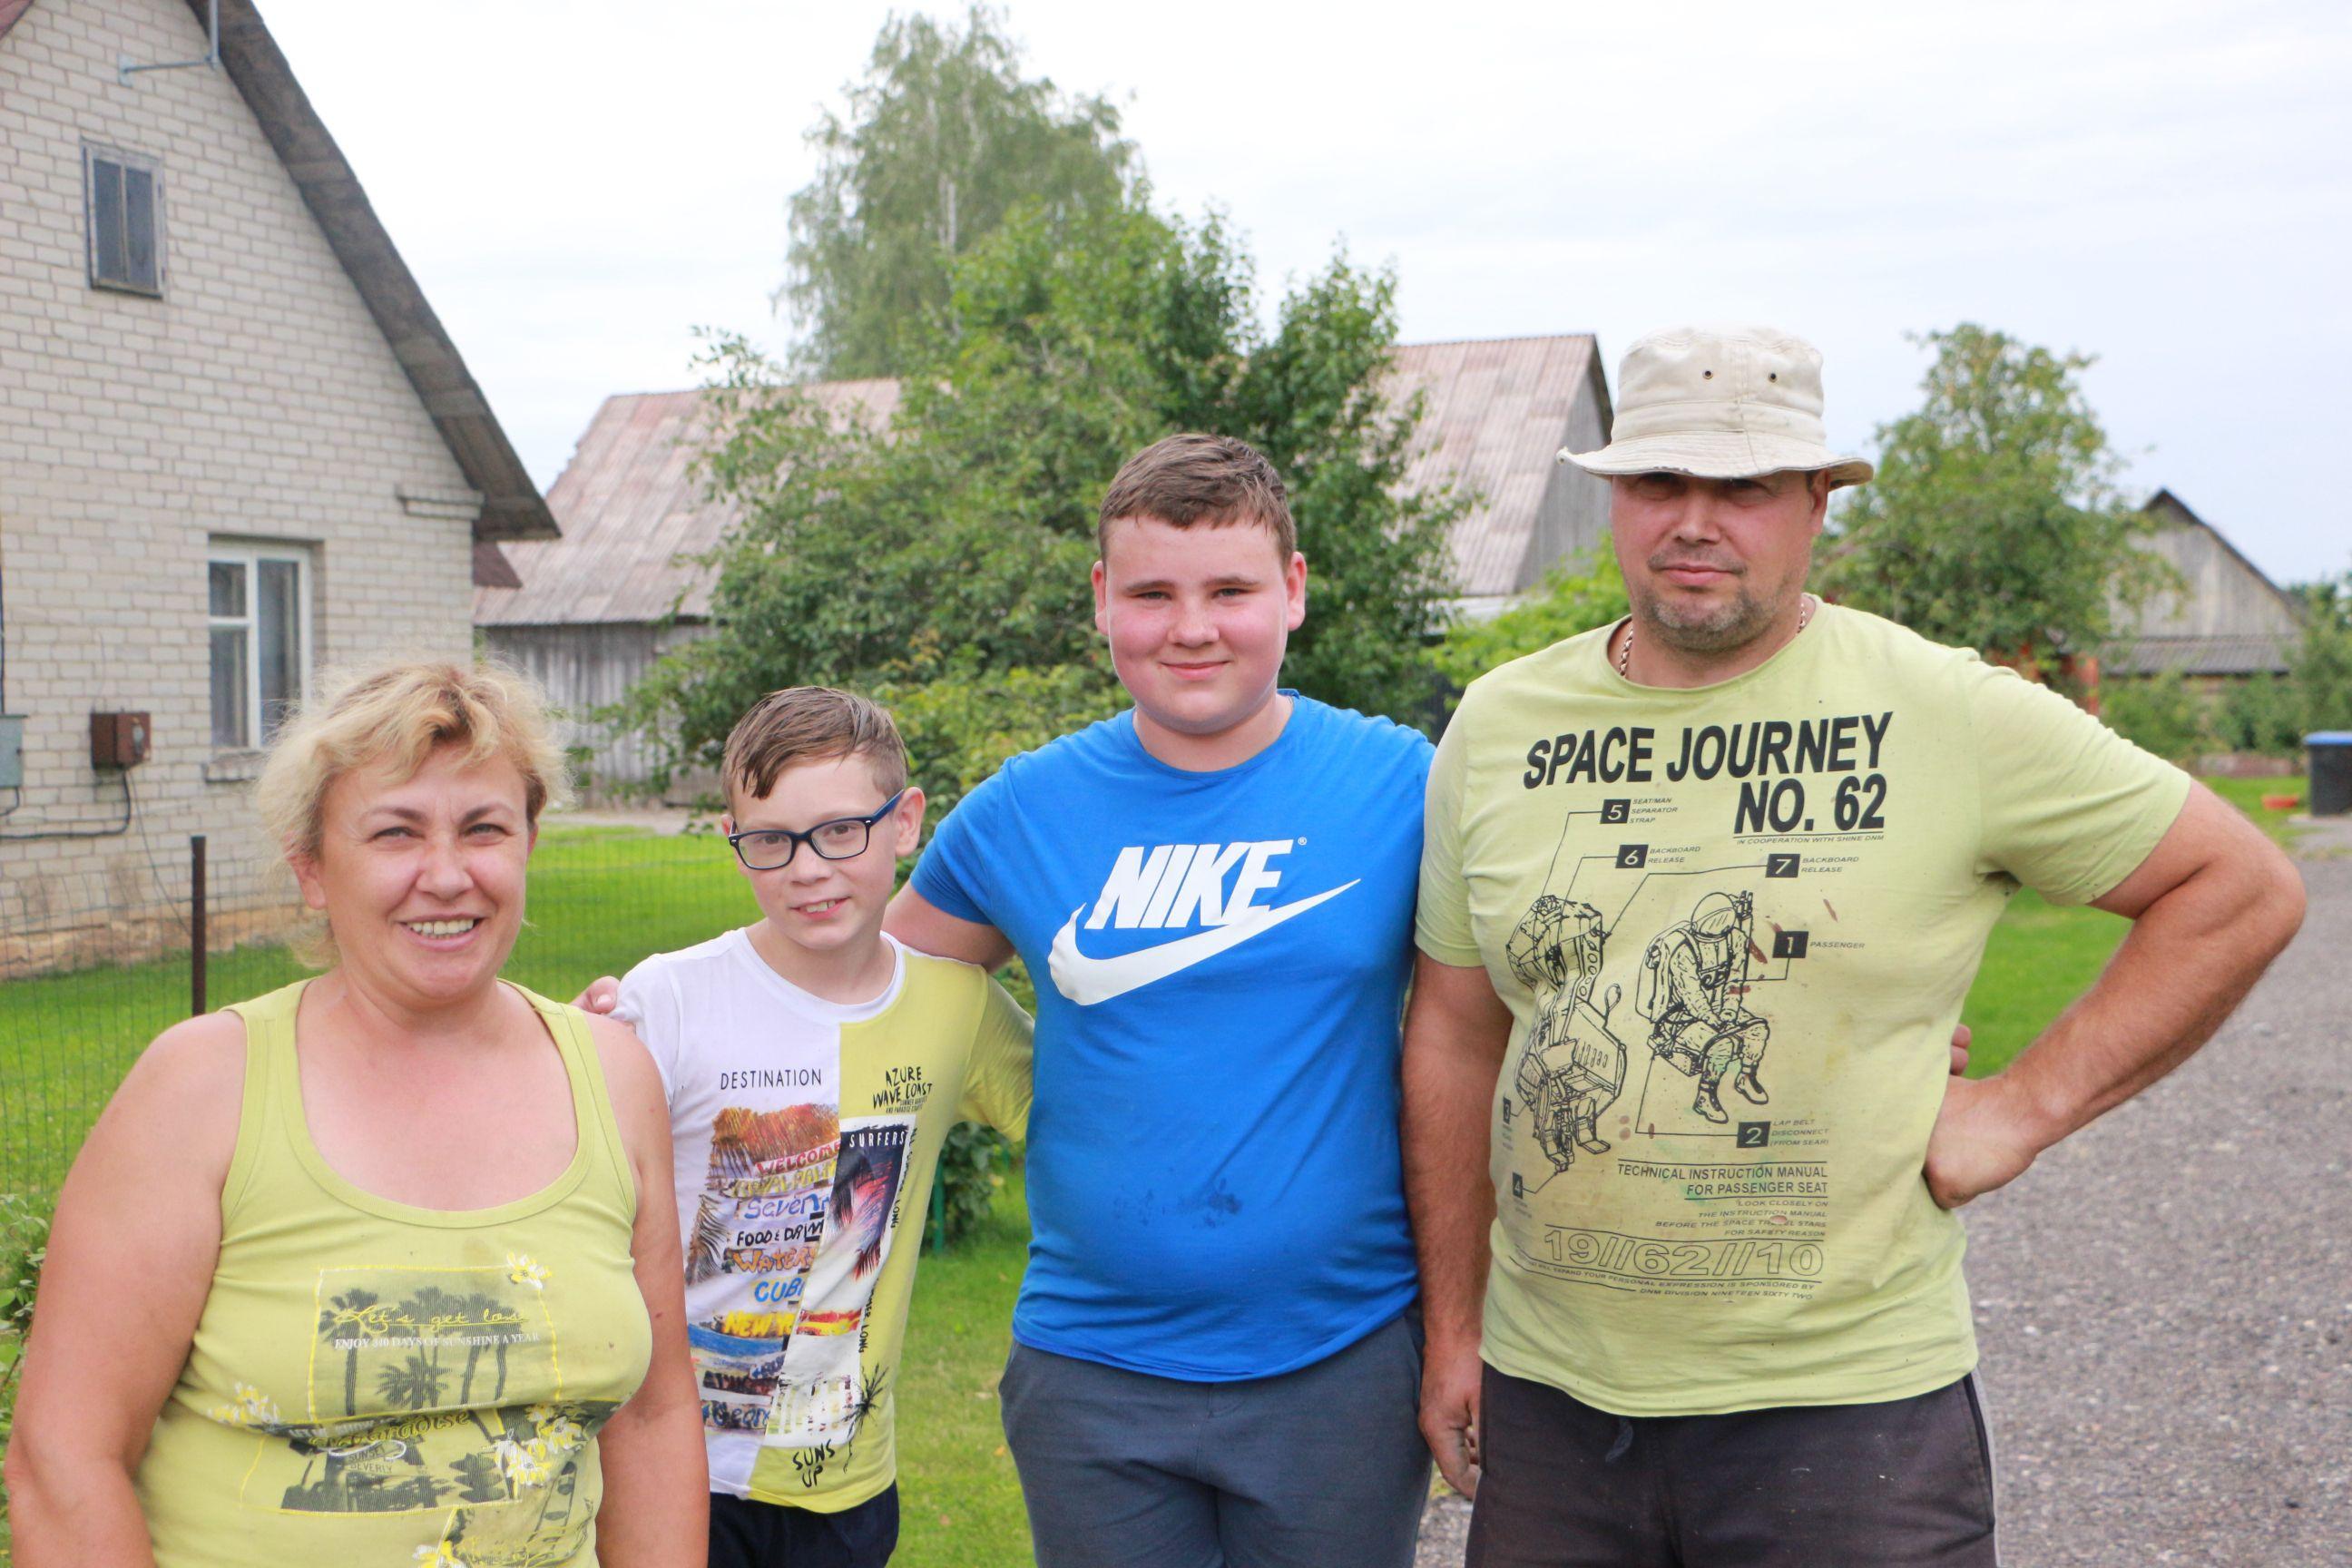 Prieš ketverius metus į Langakių kaimą iš Kauno atsikėlusi Irena Kunickaitė su vyru Gintaru ir anūkais Adrijumi (iš kairės) ir Luku. / D. Borodinaitės nuotr.